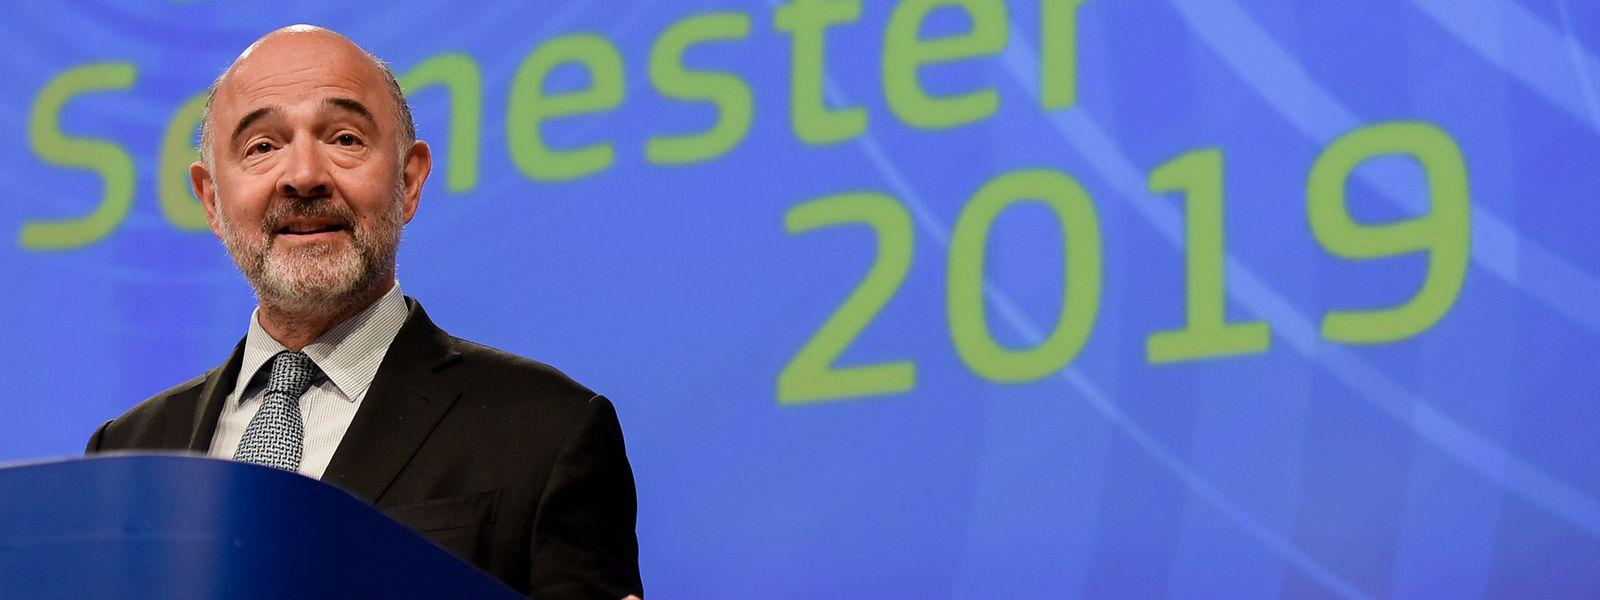 Pour Pierre Moscovici, l'optimisation fiscale agressive «réduit les recettes nationales, perturbe la concurrence loyale et a un impact négatif sur la croissance».